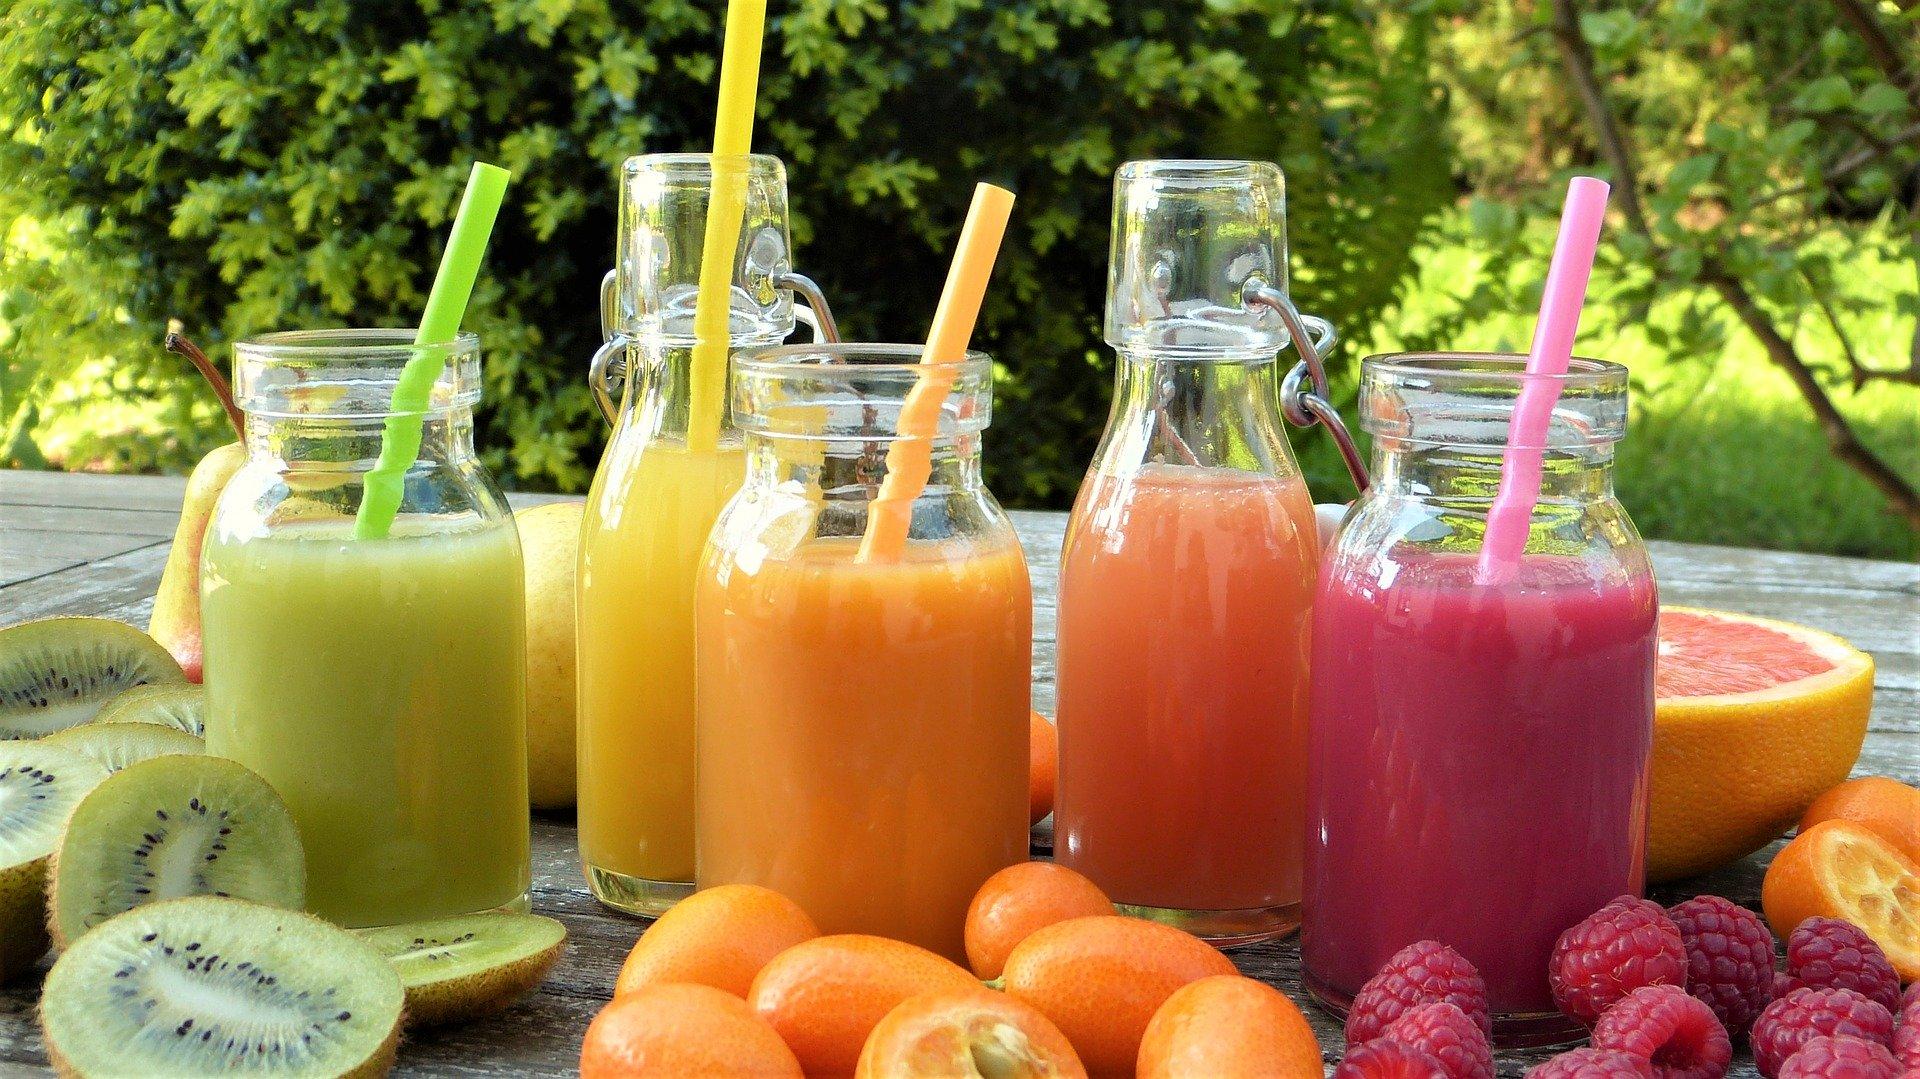 Dieta Detox: Emagrecer E Desinchar Durante A Pandemia De Coronavírus